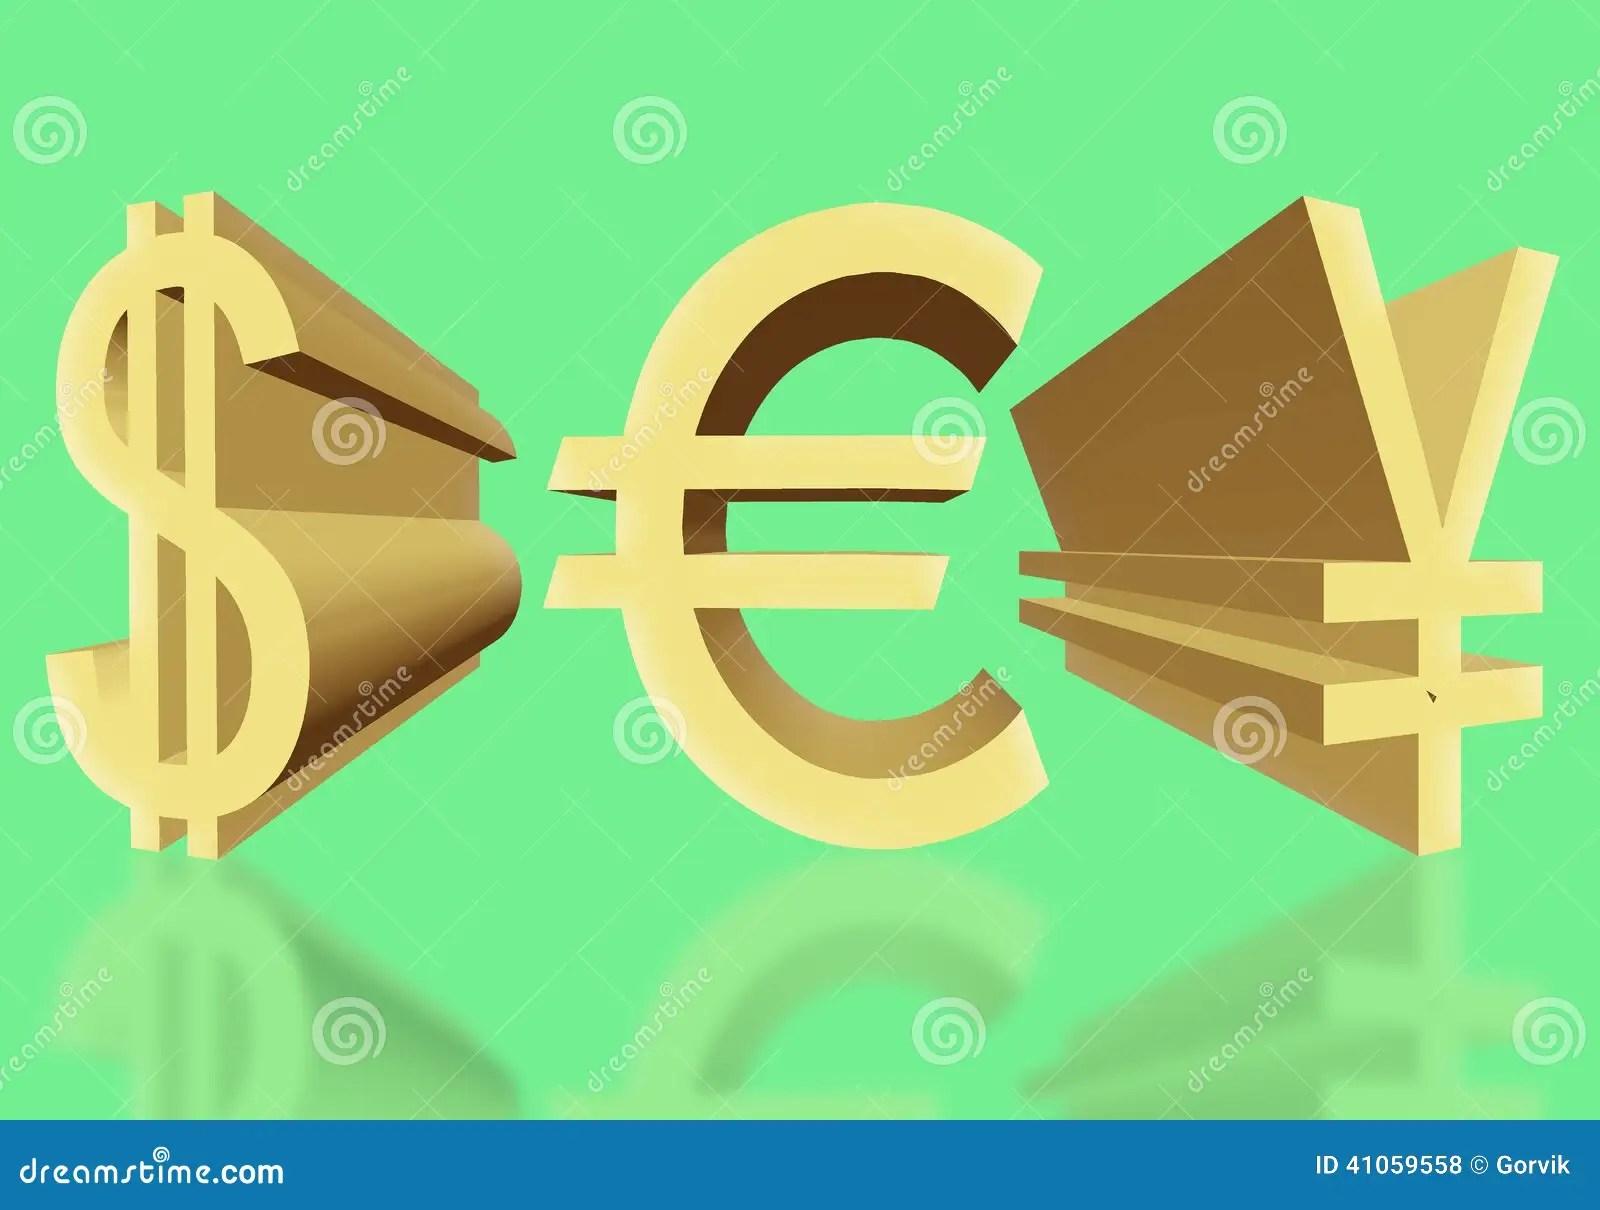 Stock Market Ticker Symbols